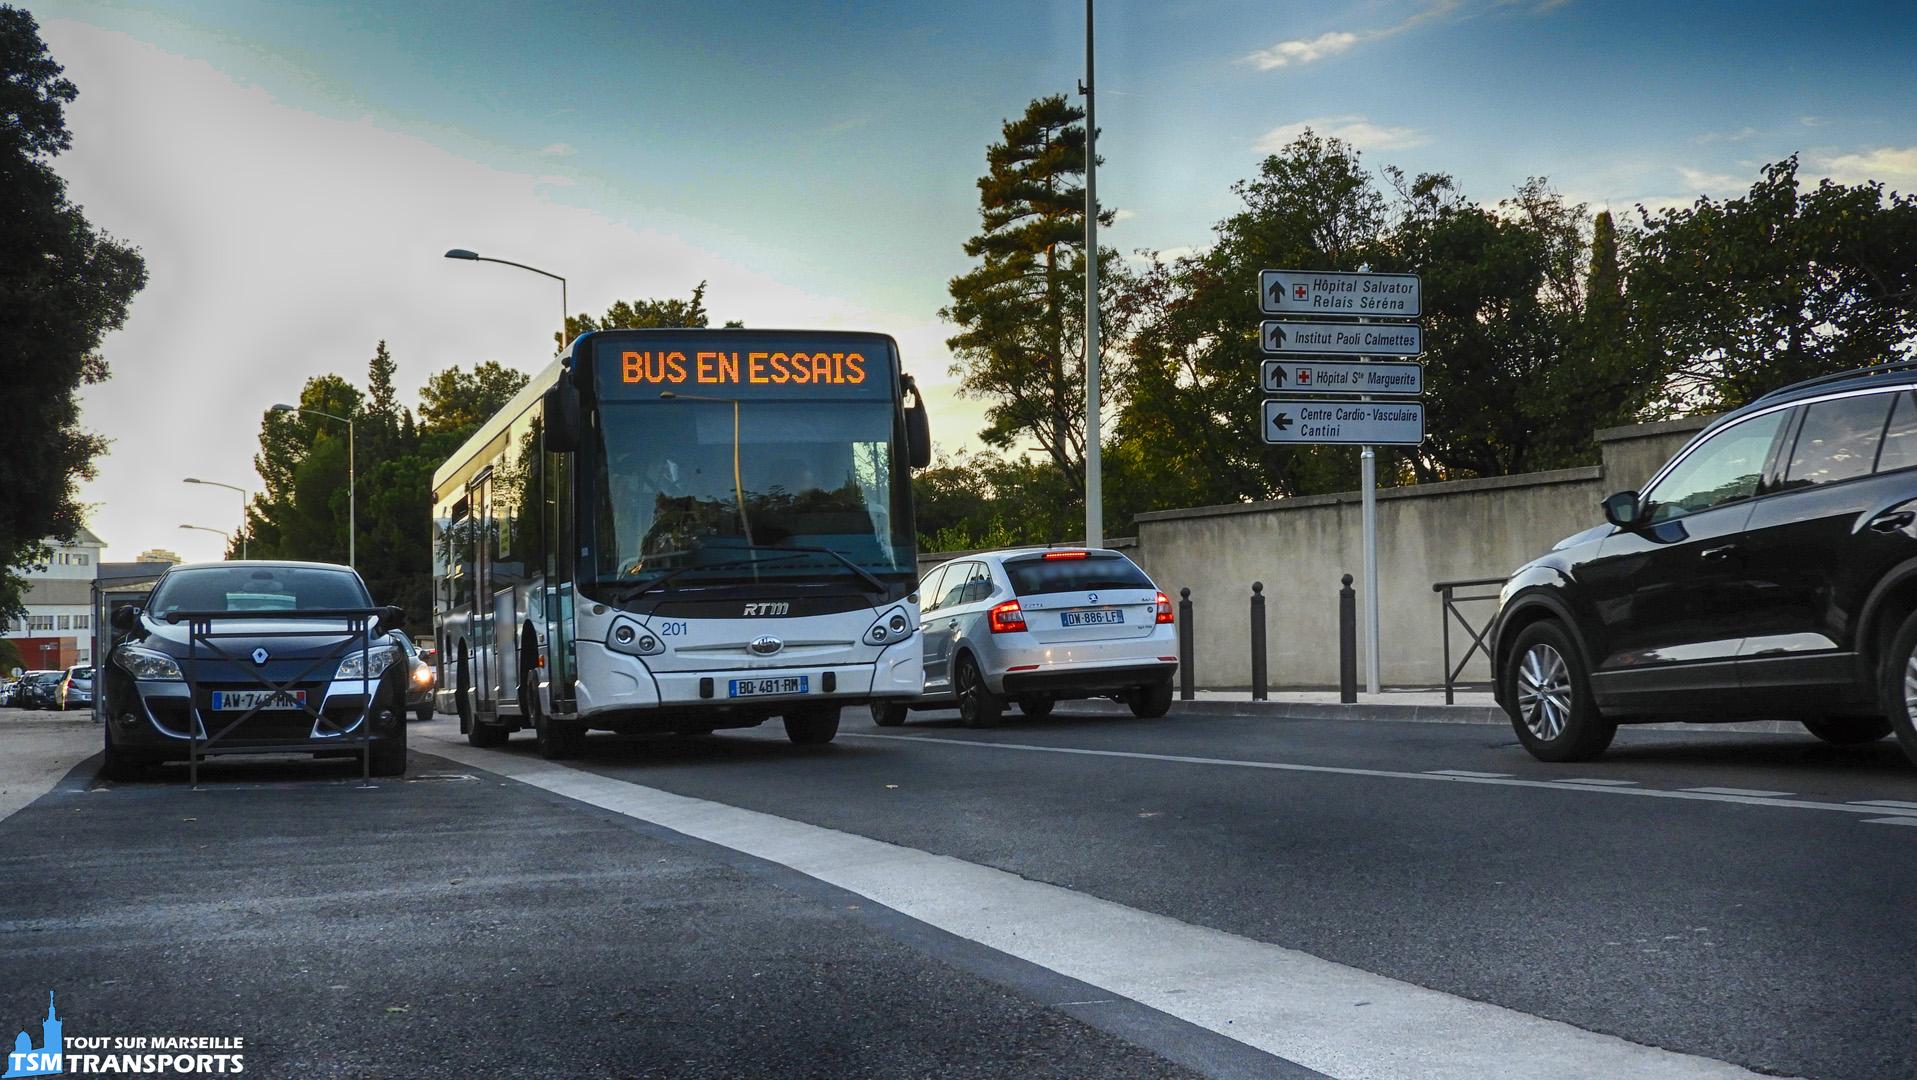 Le premier GX127 de la RTM, j'ai nommé la 201, remonte le Boulevard de Sainte Marguerite en HLP. . ℹ️ Heuliez bus GX 127 n°201 en HLP. . 📍 Boulevard de Sainte Marguerite, 13009 Marseille. . 📸 Nikon Coolpix B700. . 📅 9 octobre 2018 à 18:24. . 👨 Sébastien ESPOSITO.